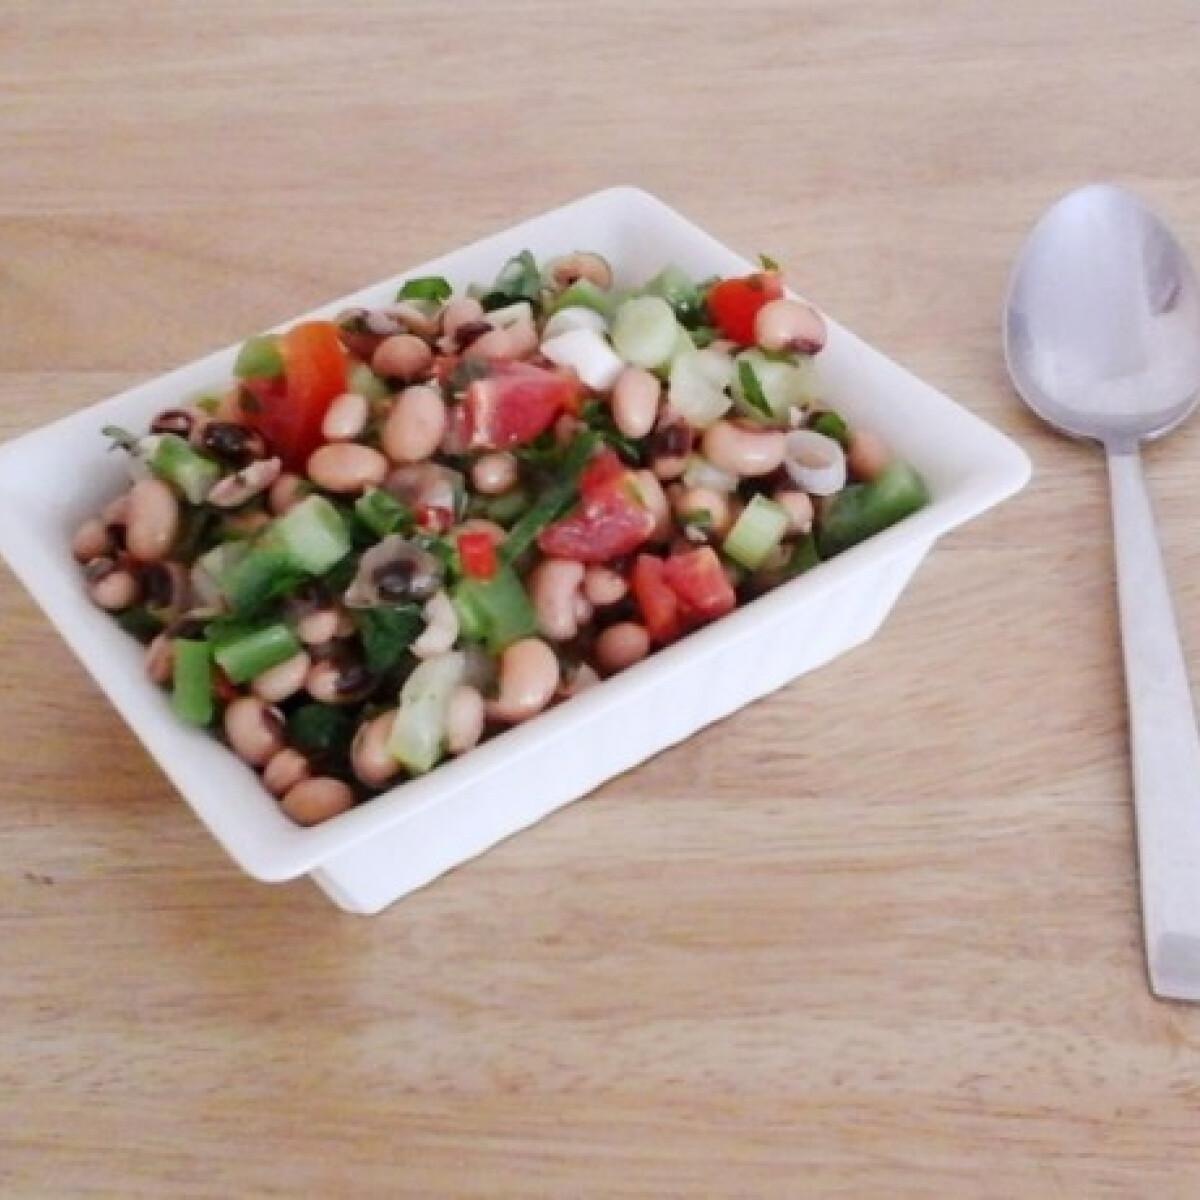 Ezen a képen: Saladu nebbe